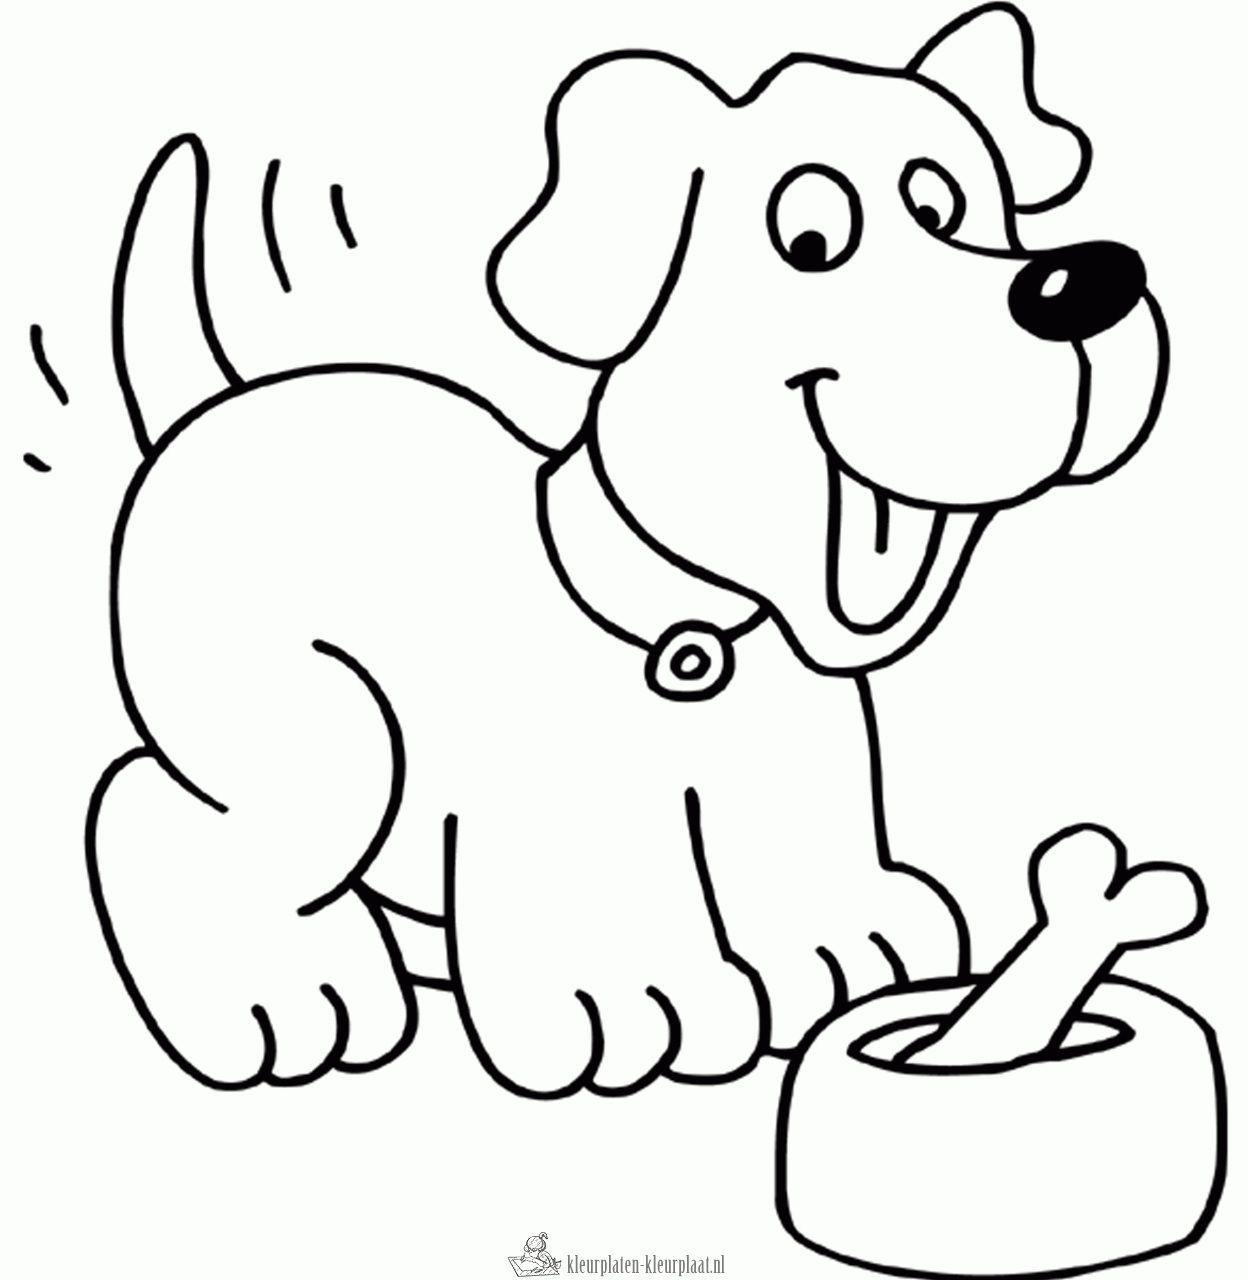 Kleurplaat Hond Animal Coloring Pages Art Drawings For Kids Farm Animal Coloring Pages